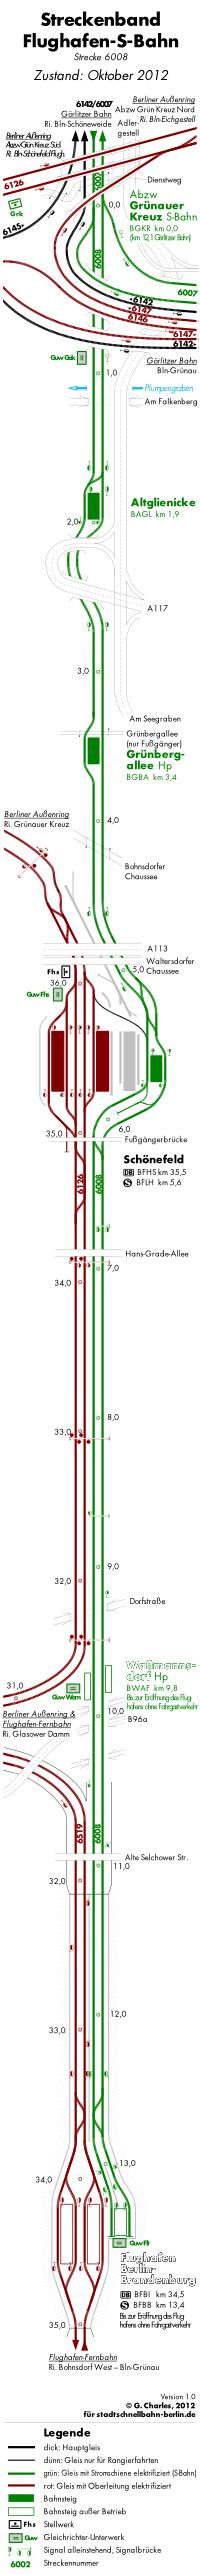 Bild: Streckenband 2012